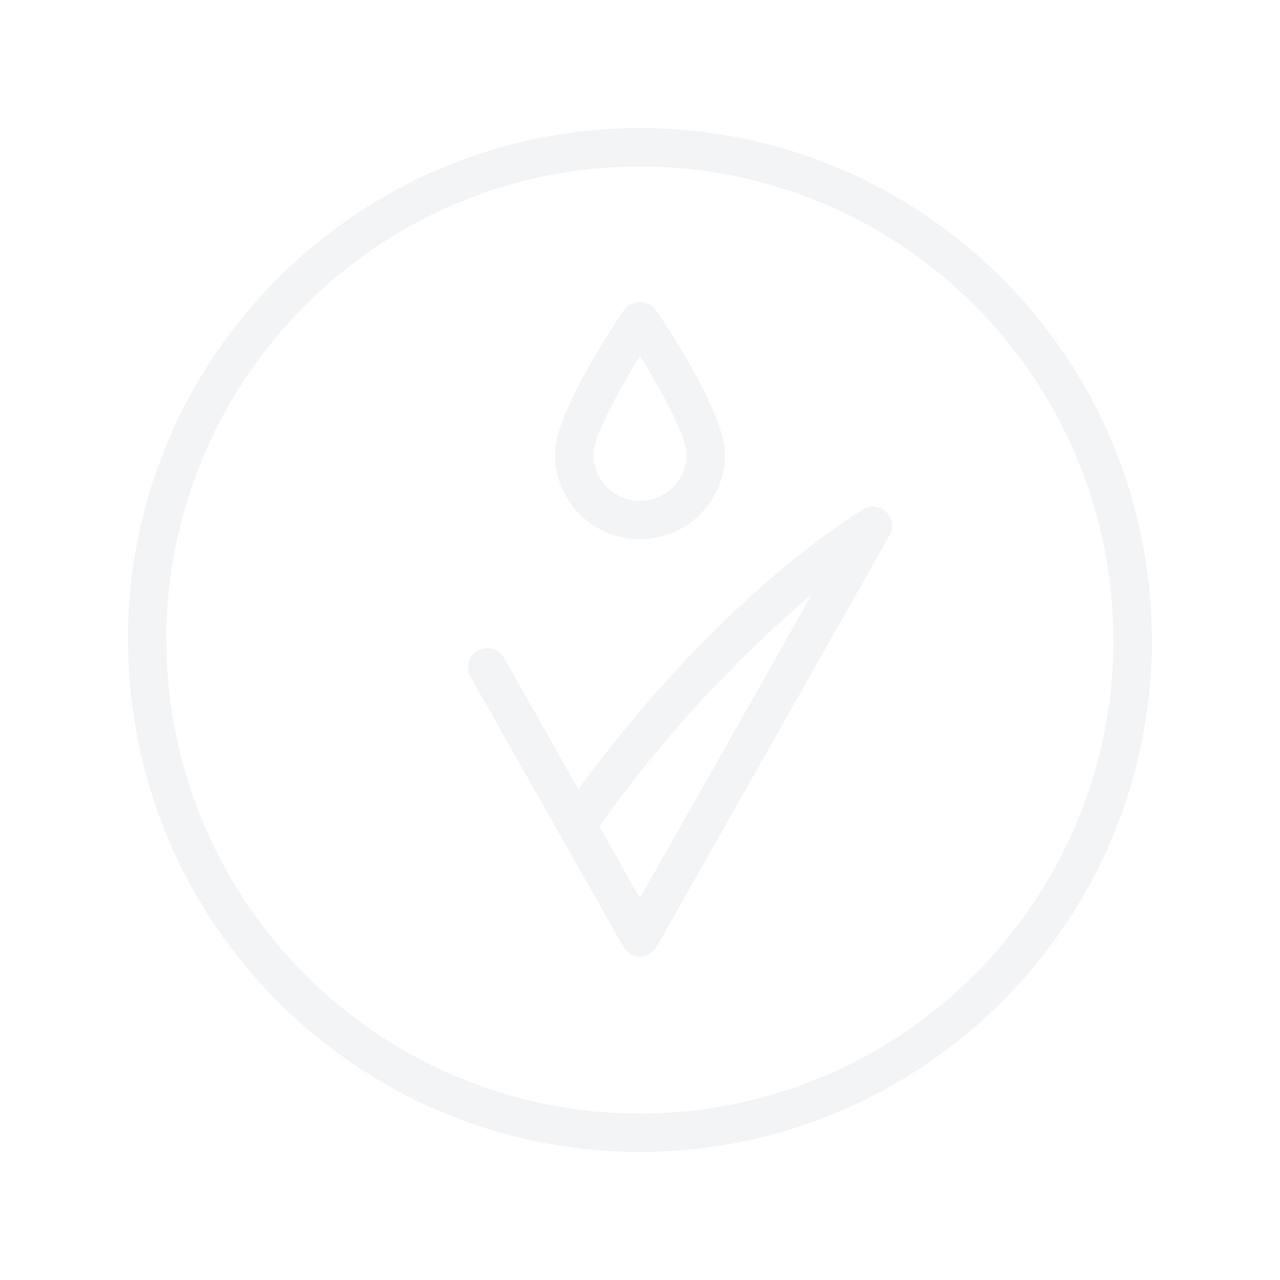 LACOSTE Eau De Lacoste L.12.12 Pour Elle Sparkling 90ml Eau De Toilette Gift Set